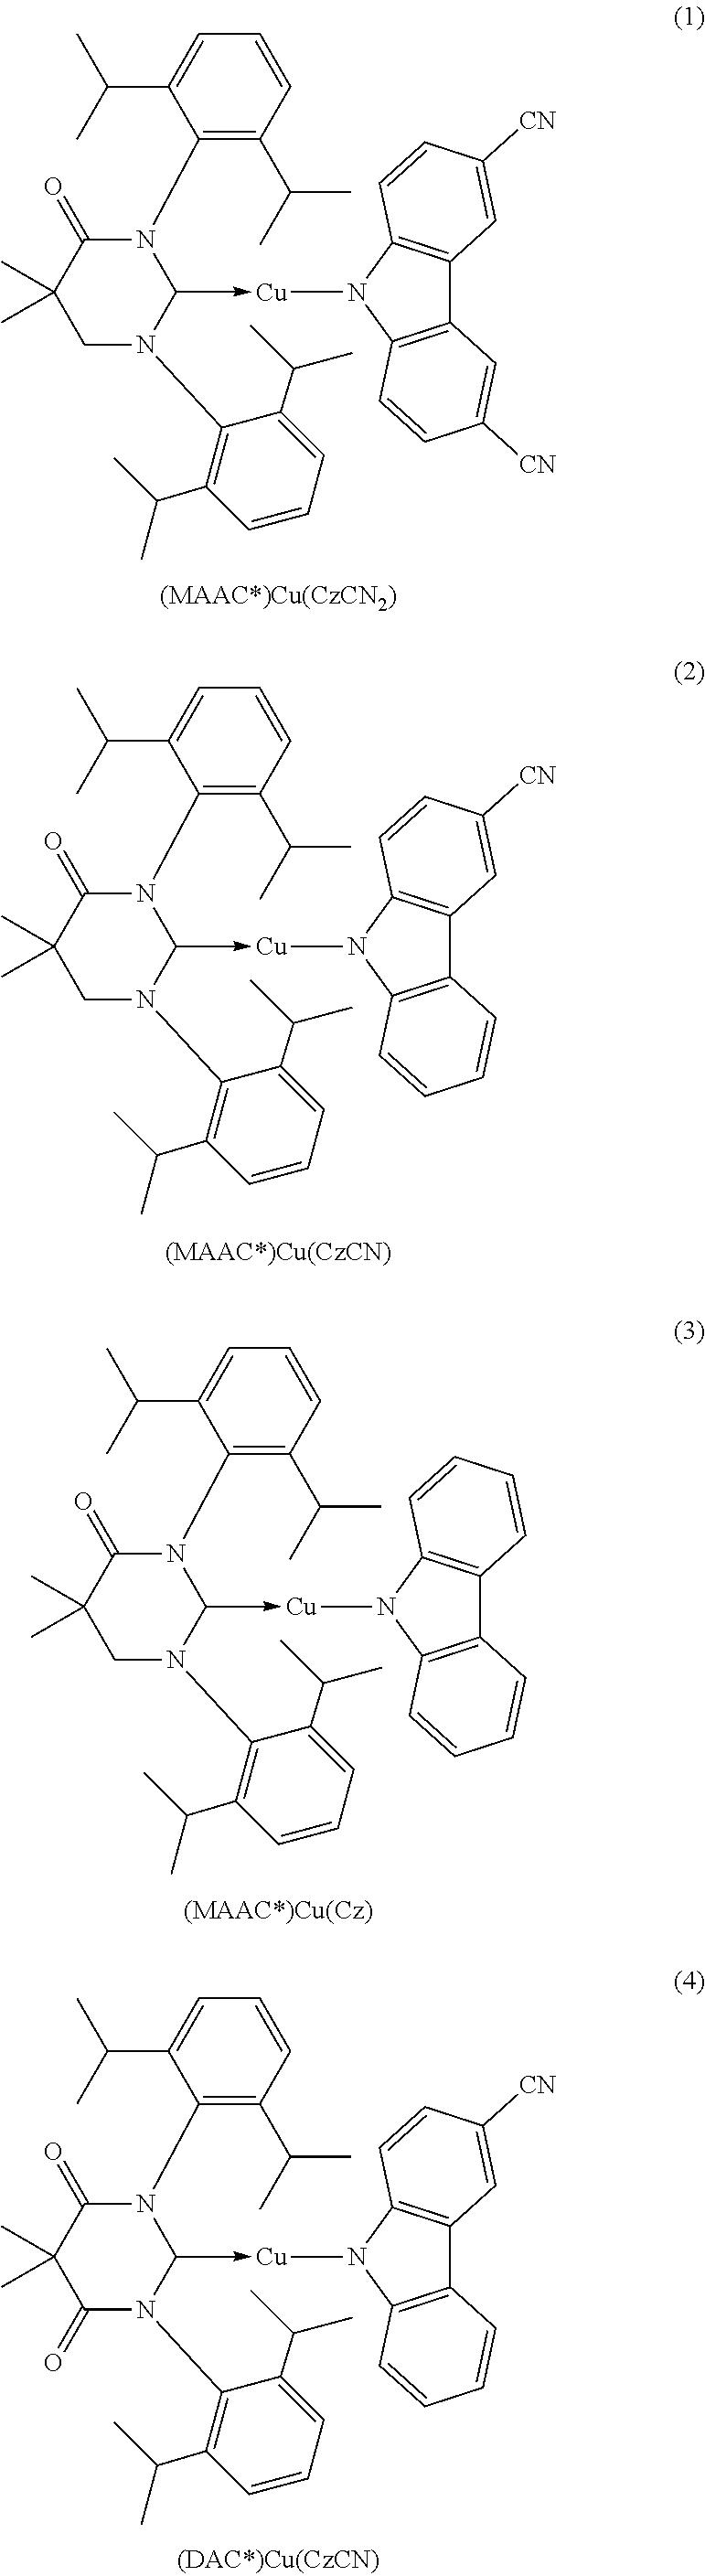 Figure US20190161504A1-20190530-C00012